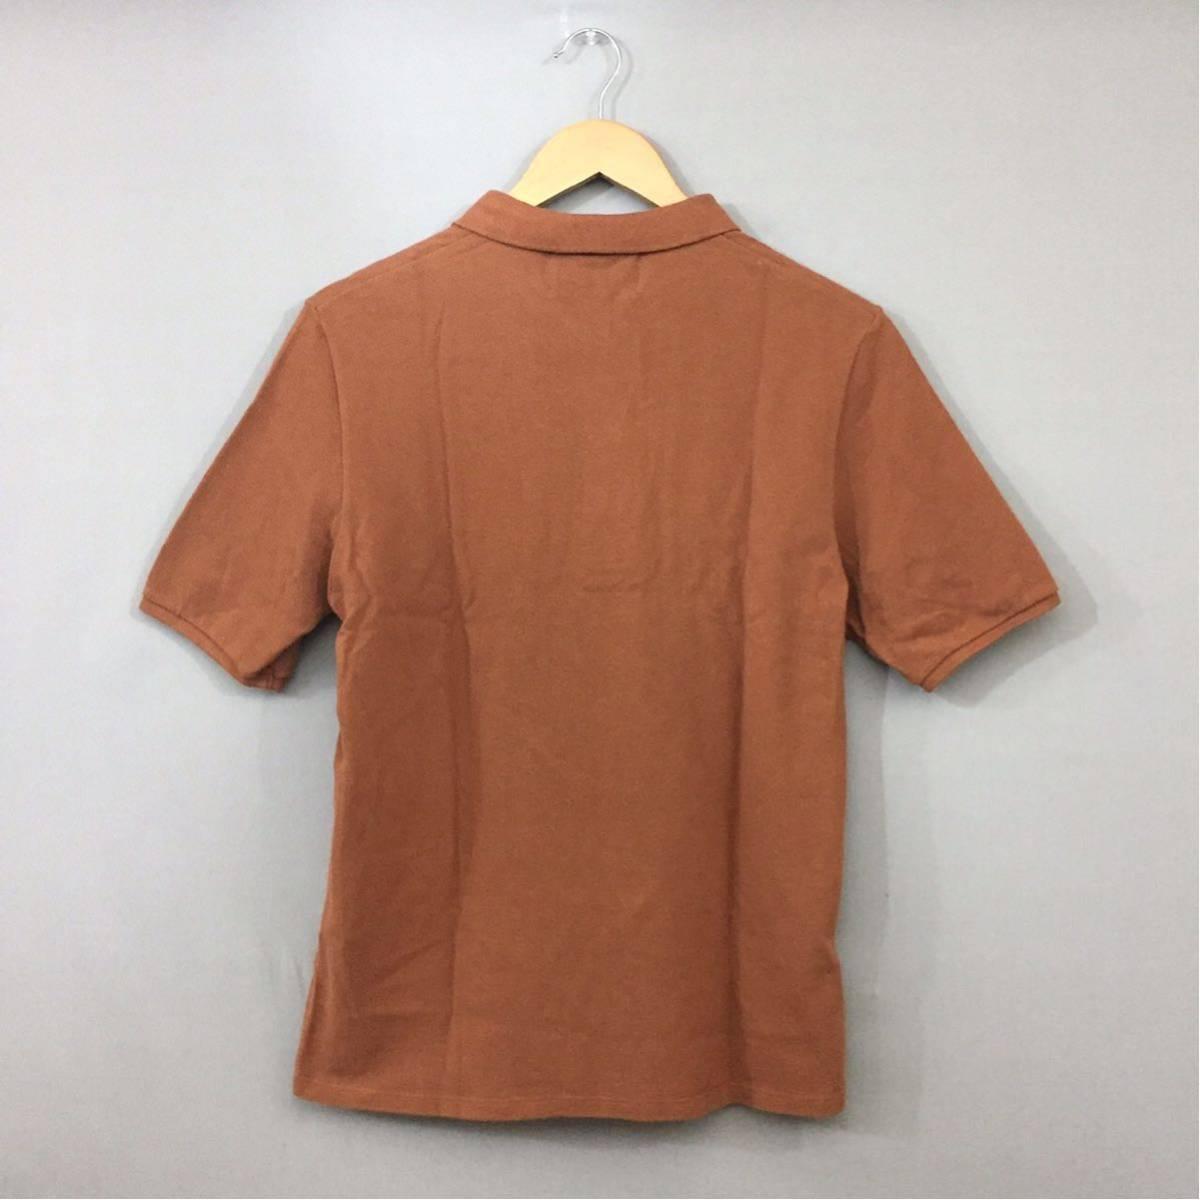 【コラボ】フレッドペリー FRED PERRY ラフシモンズ RAF SIMONS ポロシャツ 半袖 鹿の子 メンズ Mサイズ ブラウン ロゴ 刺繍 ~▽_画像2